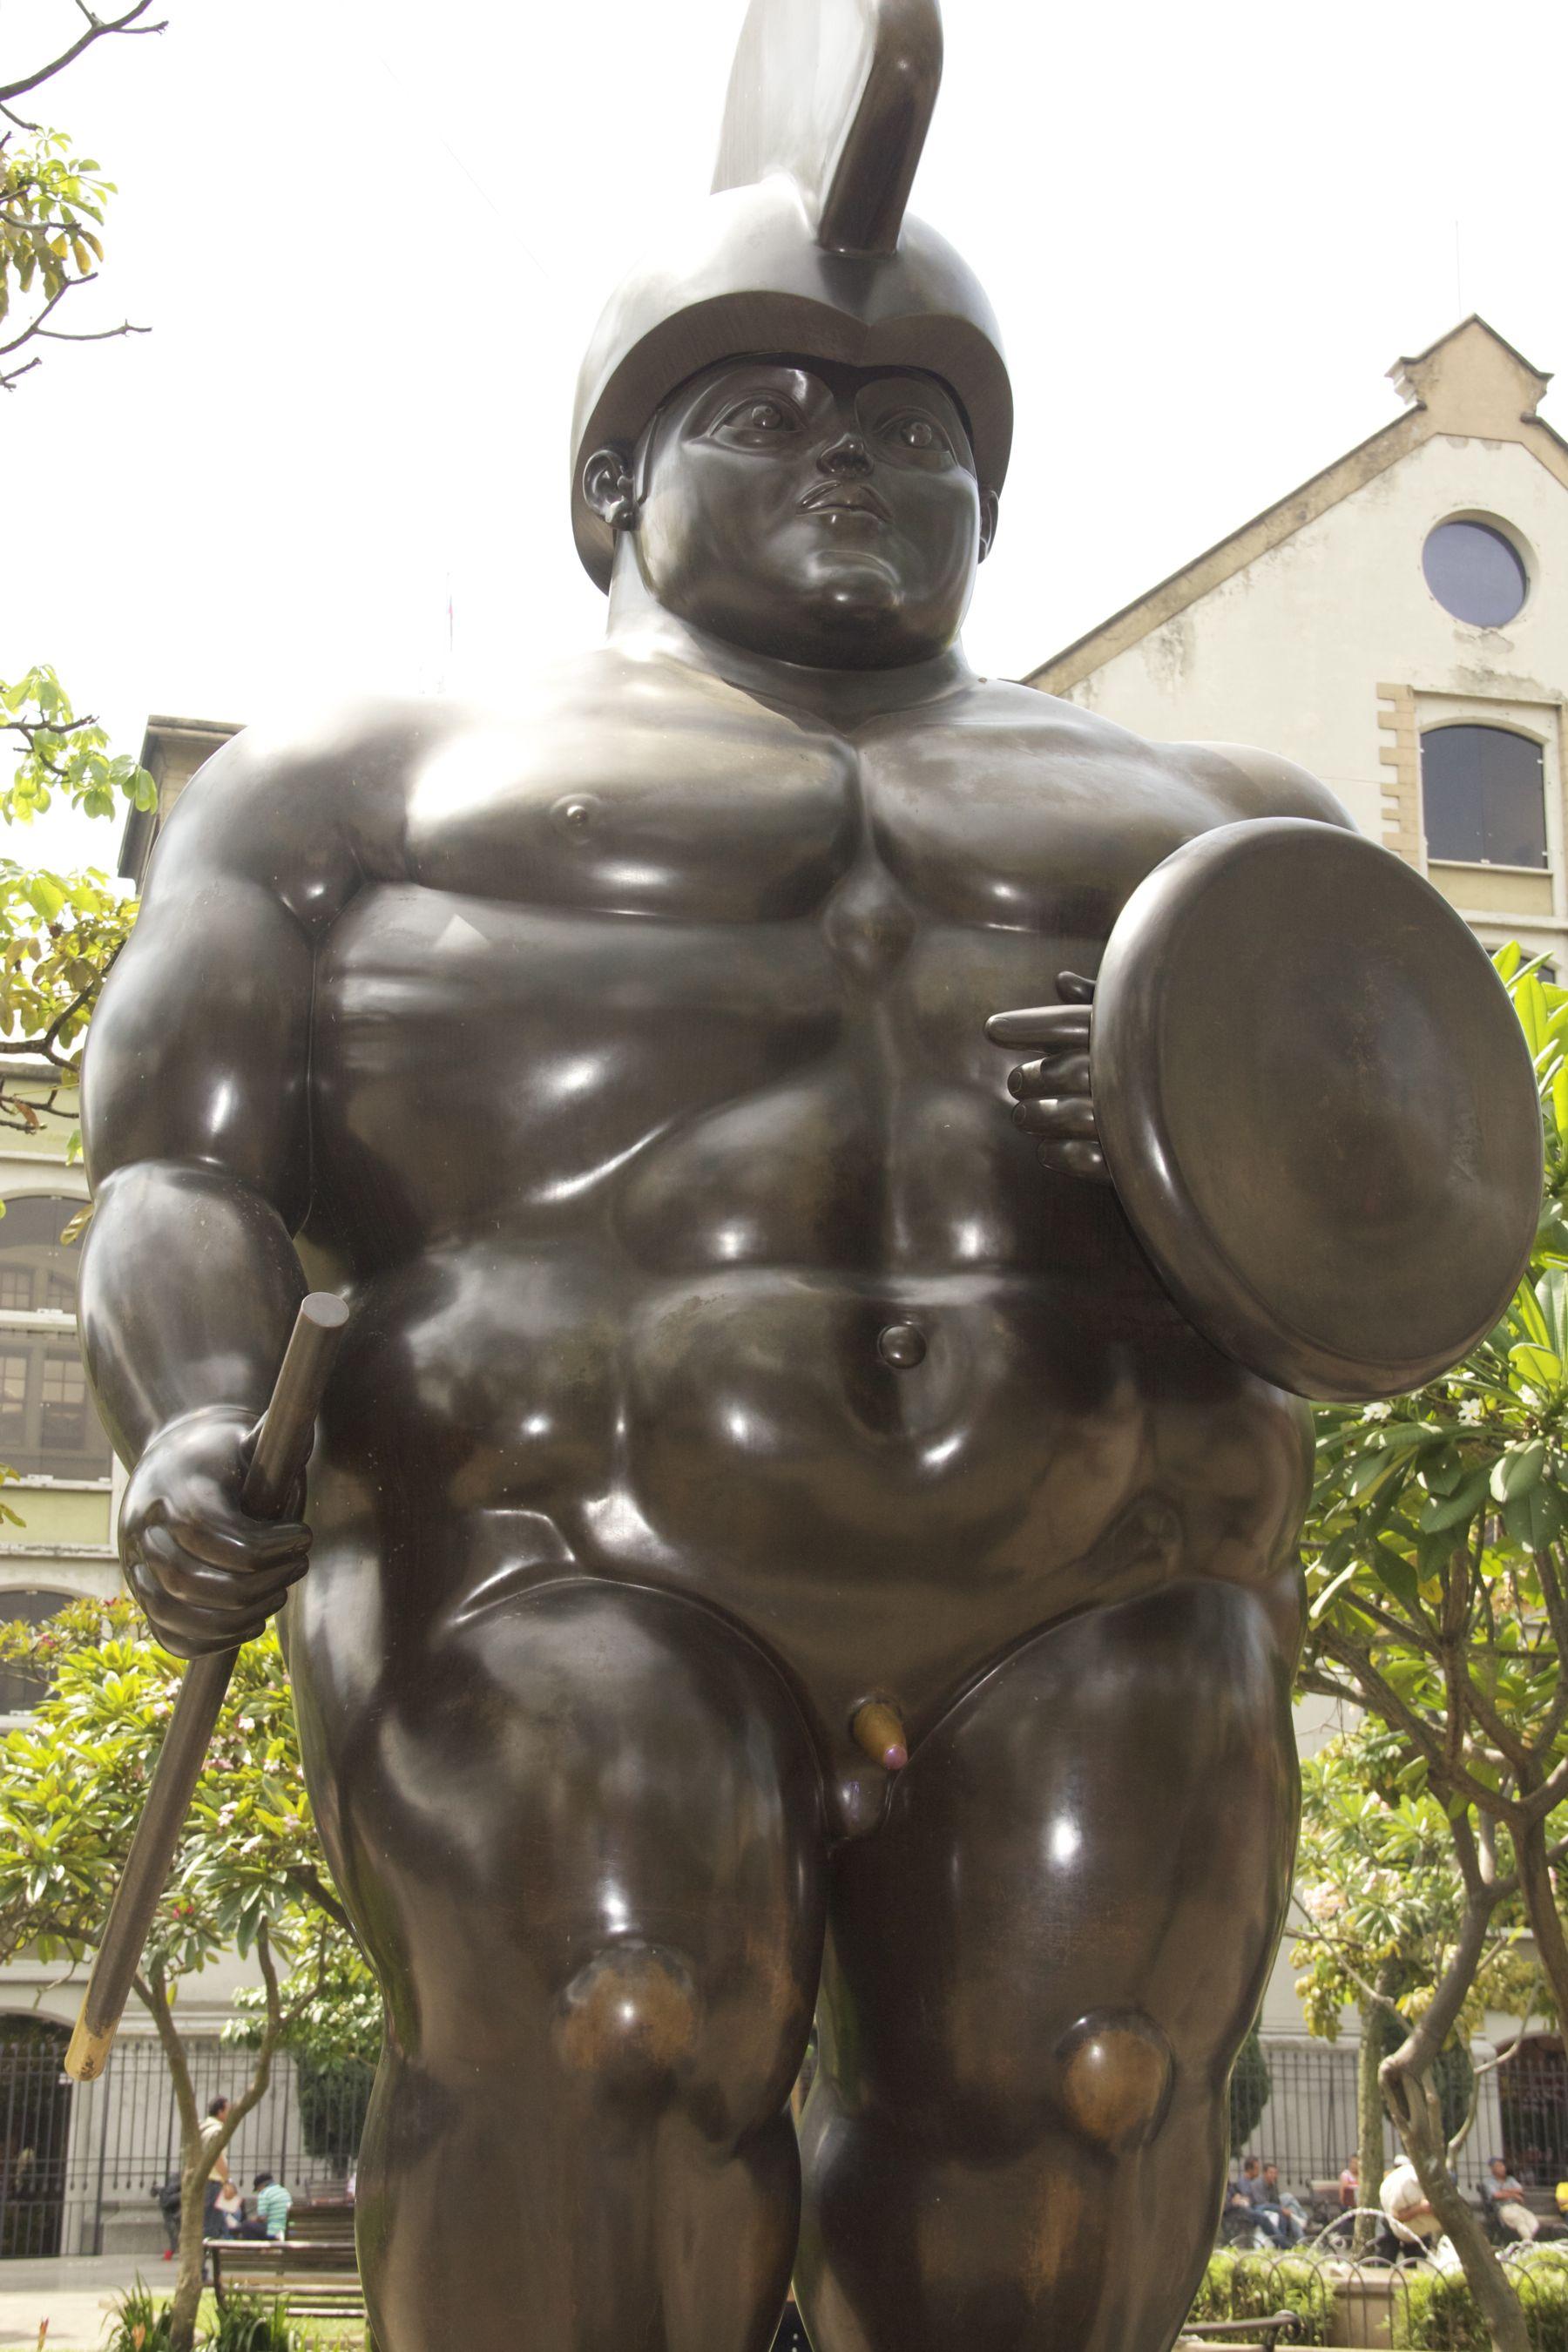 Botero Sculpture, Botero Plaza Medellin Colombia the